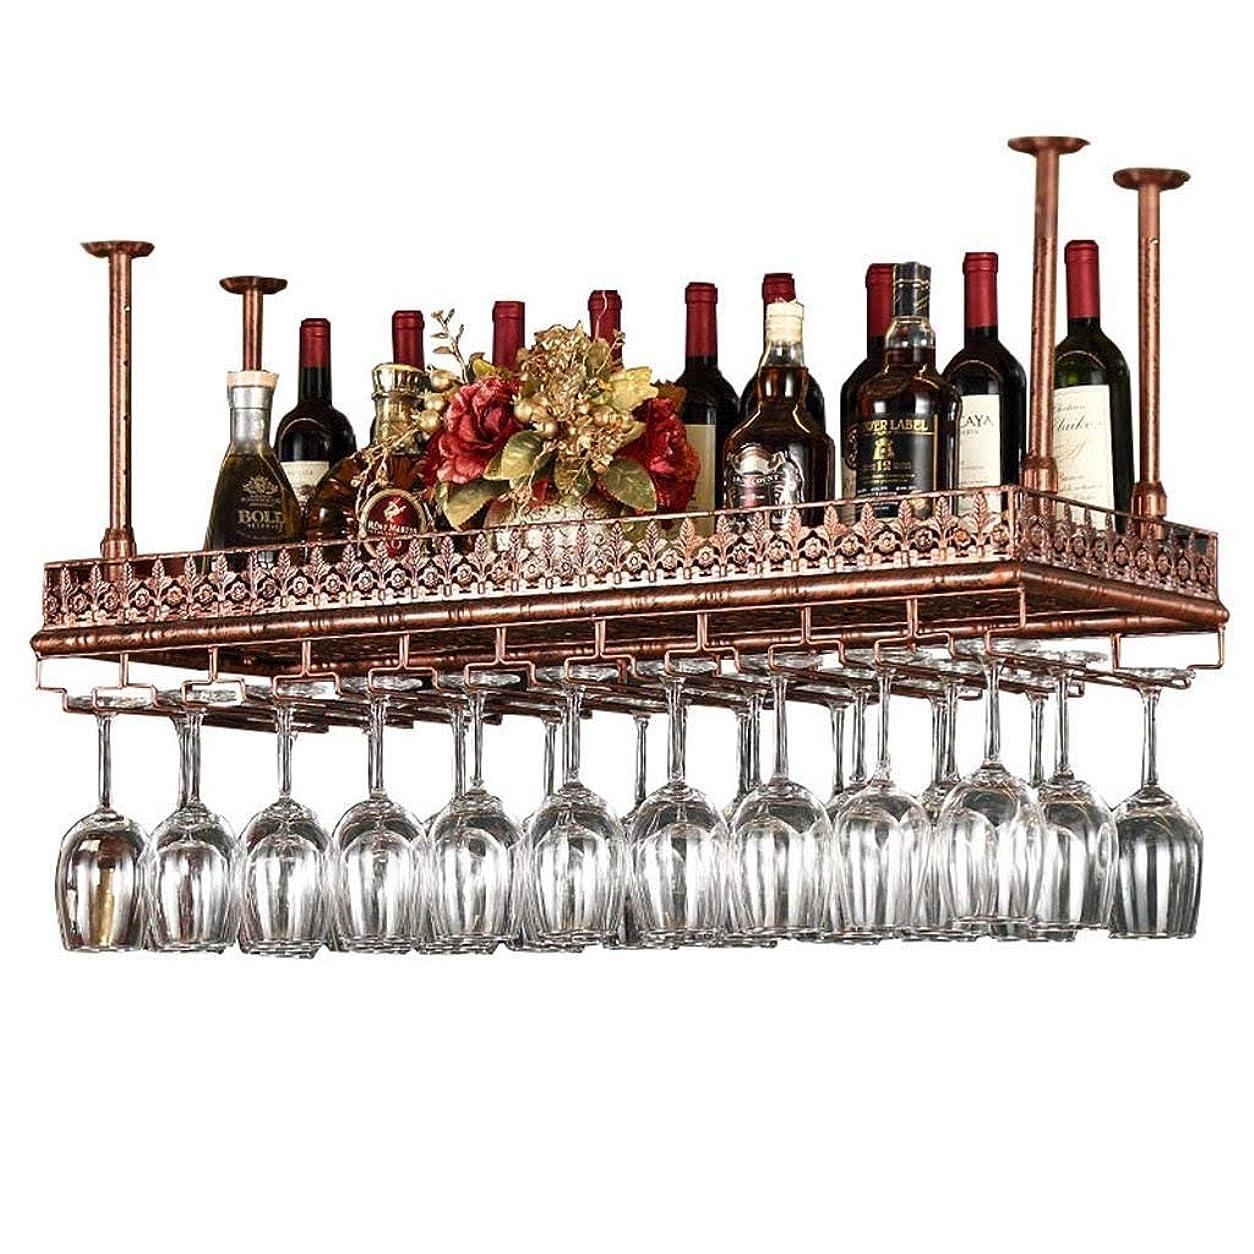 ファンシー香り豚肉GX レトロウォールシェルフワインラック金属鉄収納バーでロフト壁掛けぶら下げワイングラスゴブレット脚付きグラスワインボトルホルダー (色 : ブロンズ, サイズ さいず : 80*35cm)